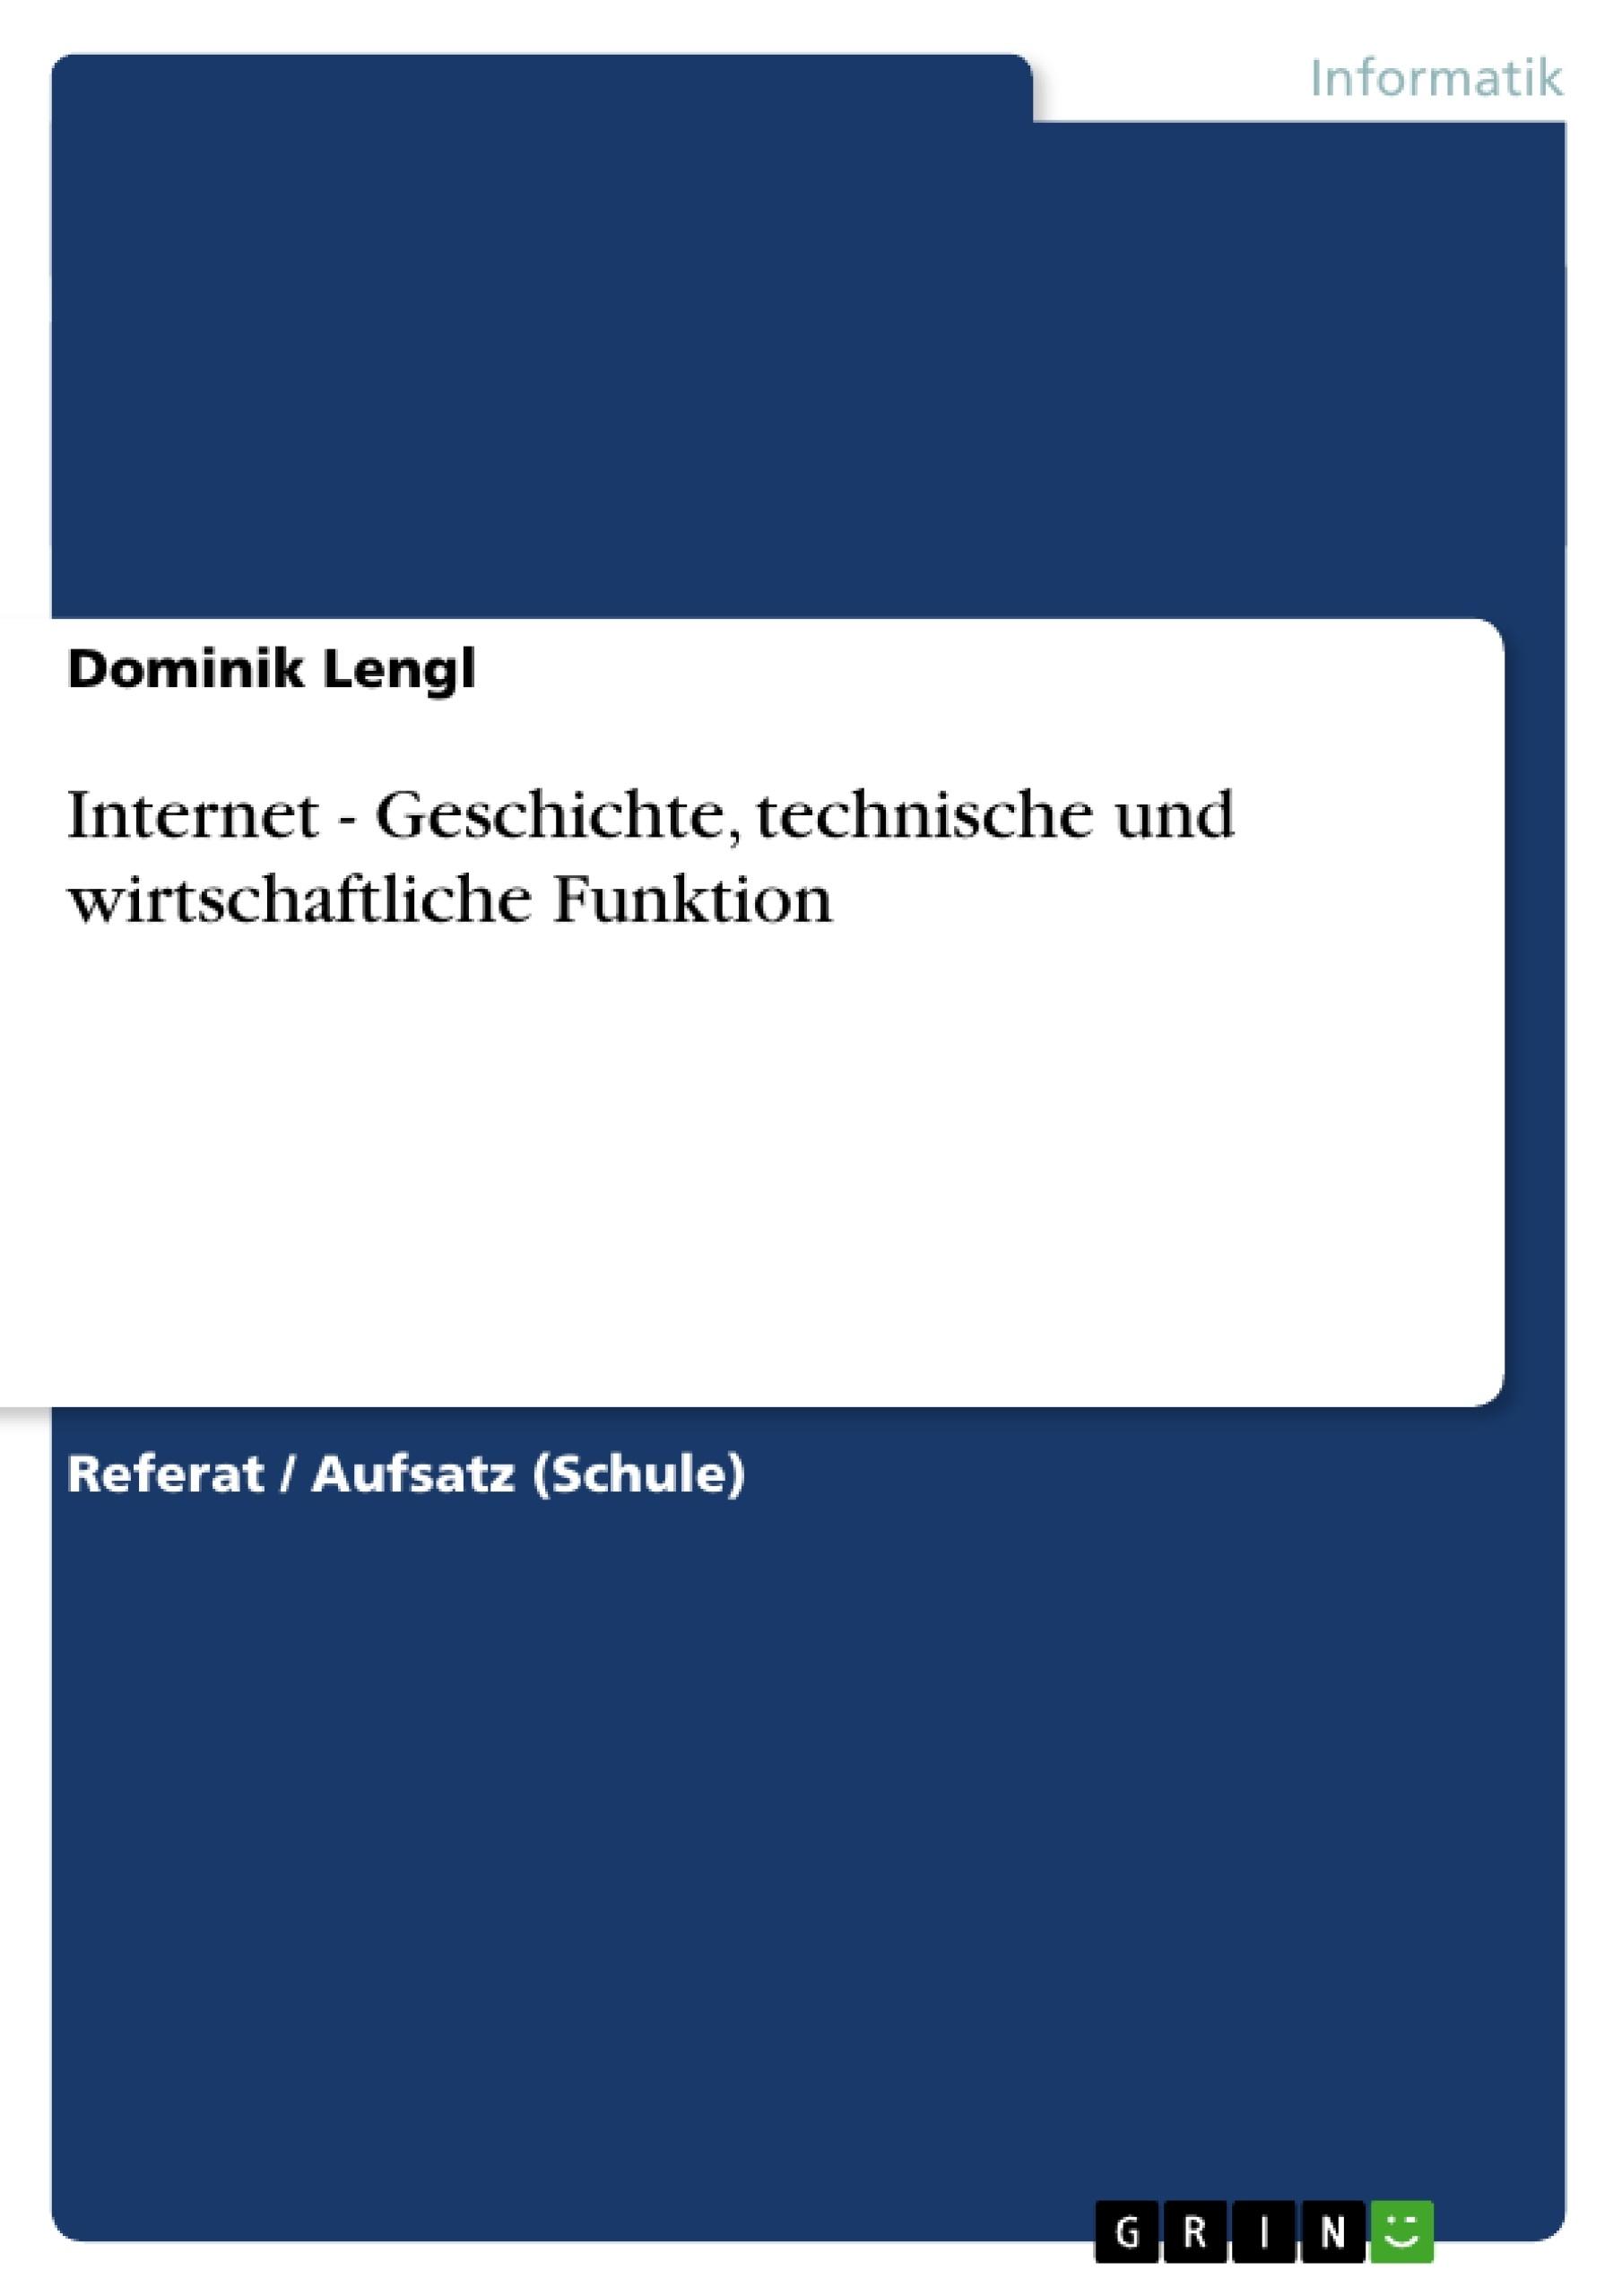 Titel: Internet - Geschichte, technische und wirtschaftliche Funktion